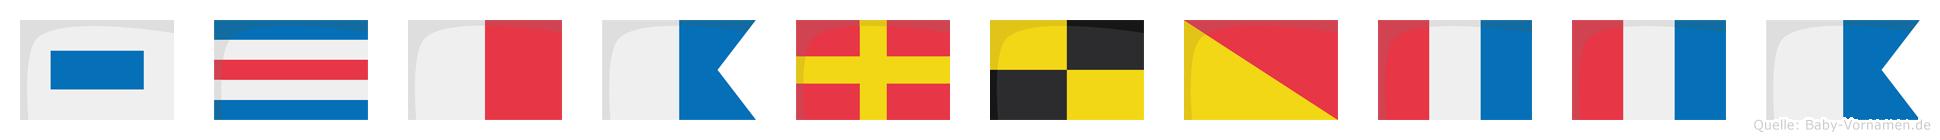 Scharlotta im Flaggenalphabet